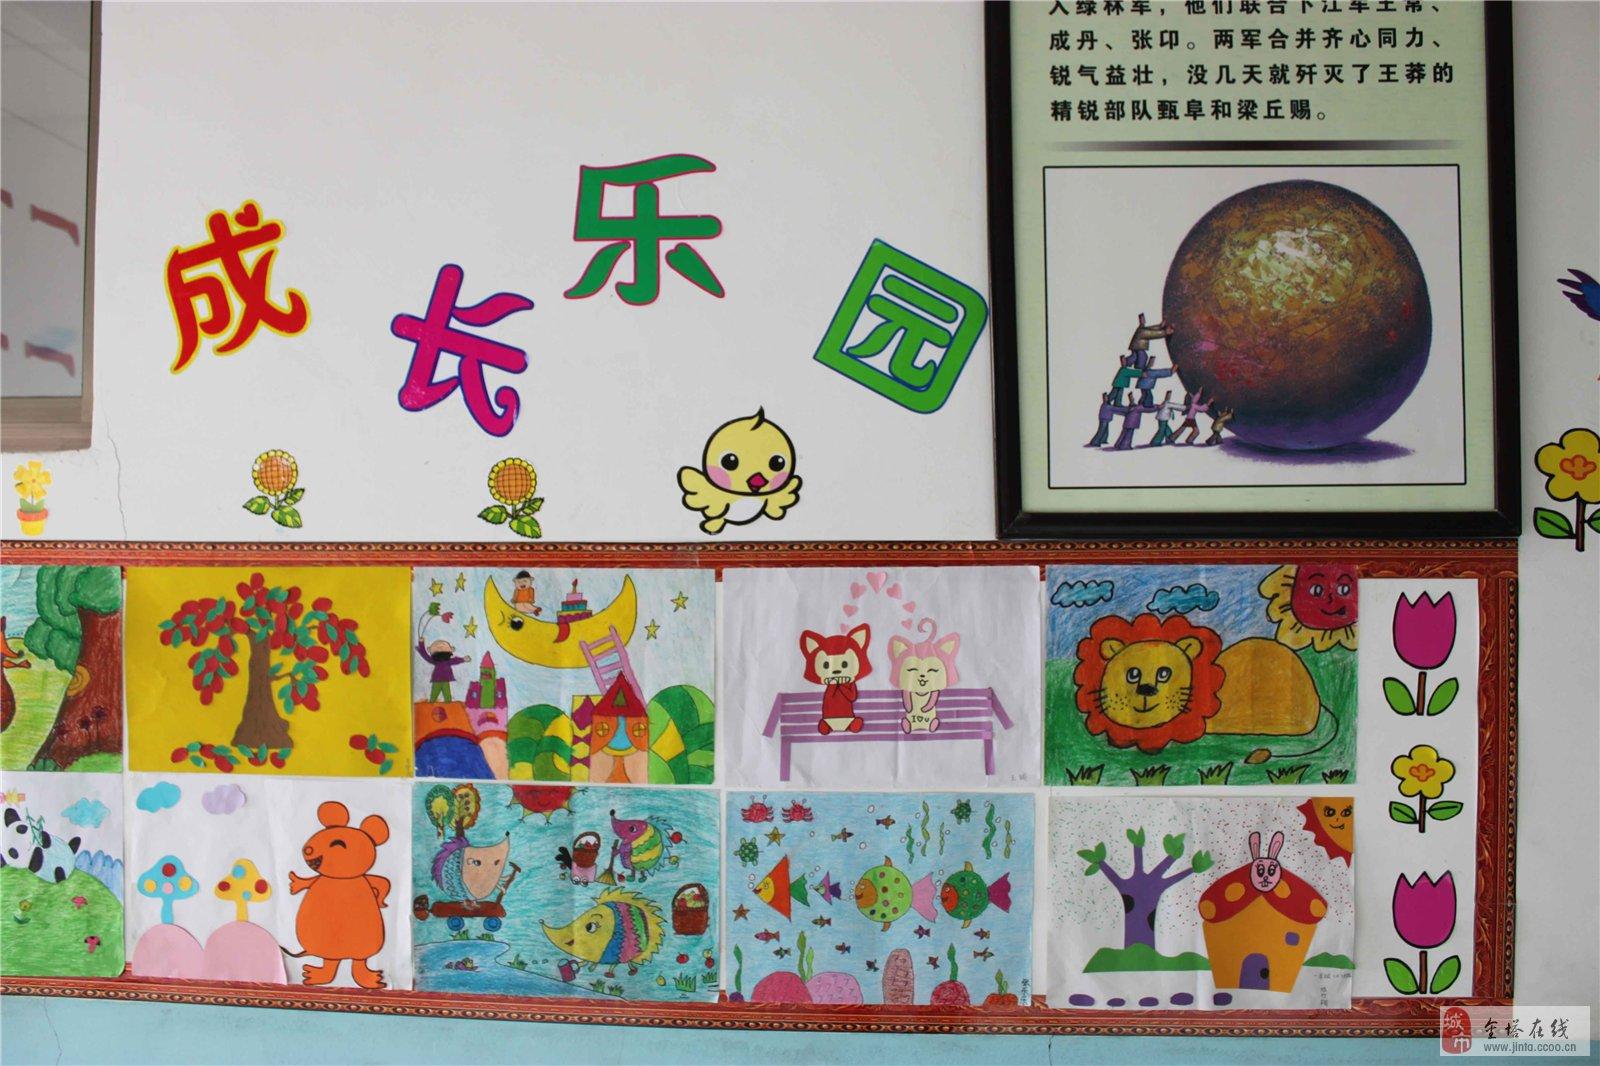 小学班级文明礼仪_小学教室长廊设计图_小学教室长廊设计图分享展示